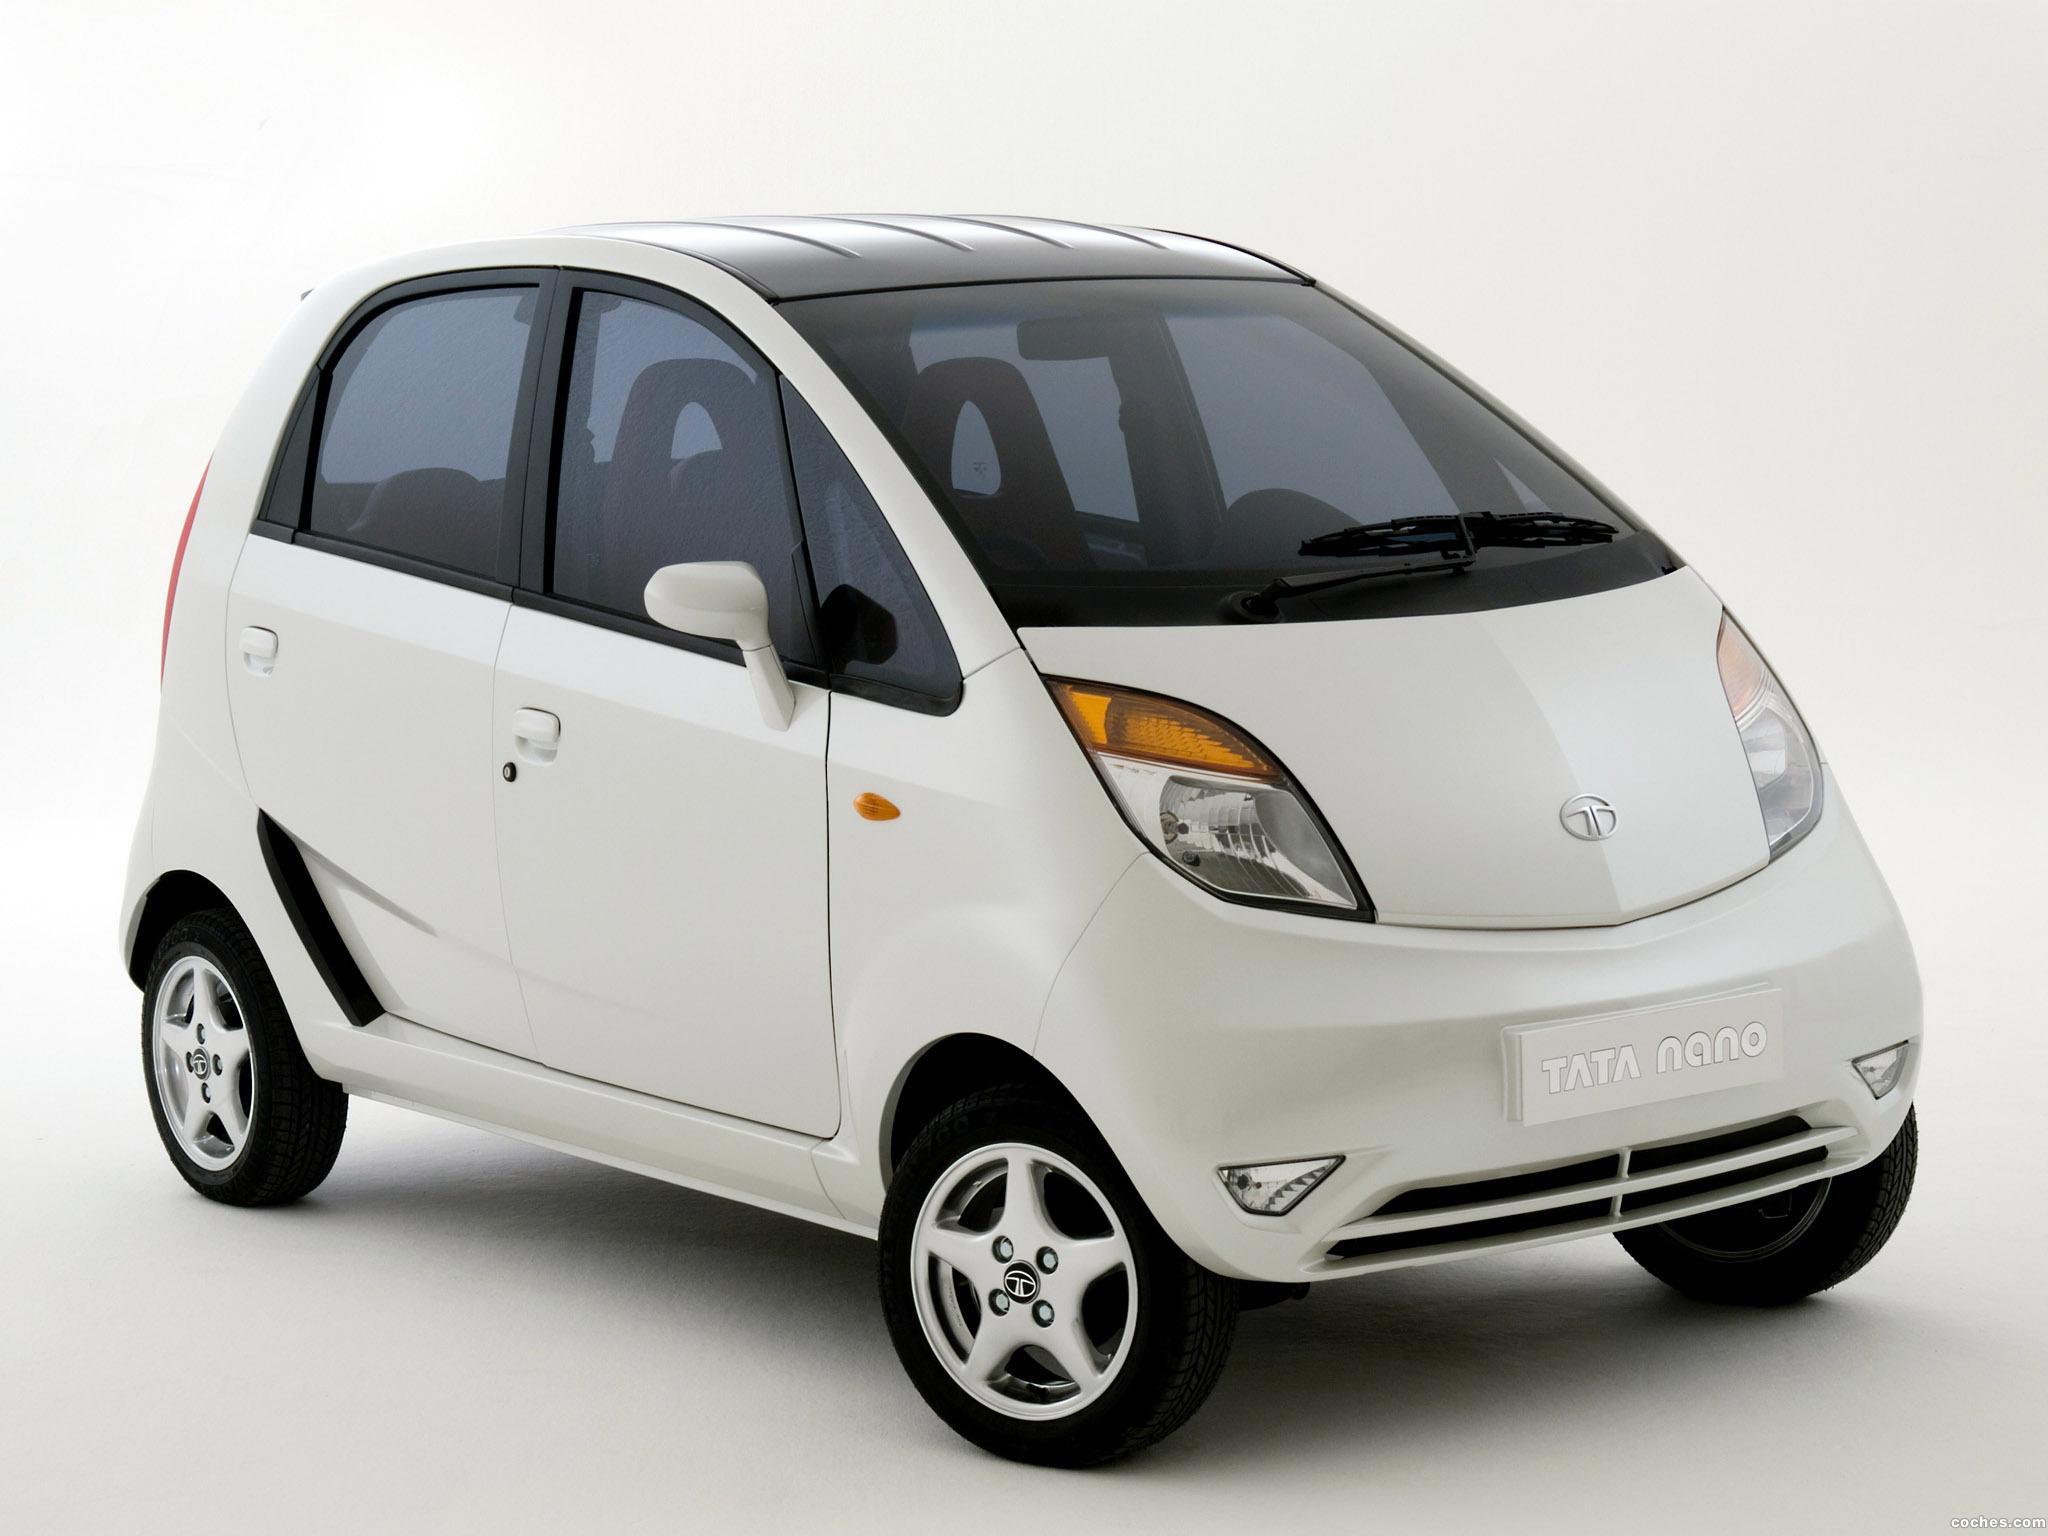 Foto 0 de Tata Nano Luxury 2008